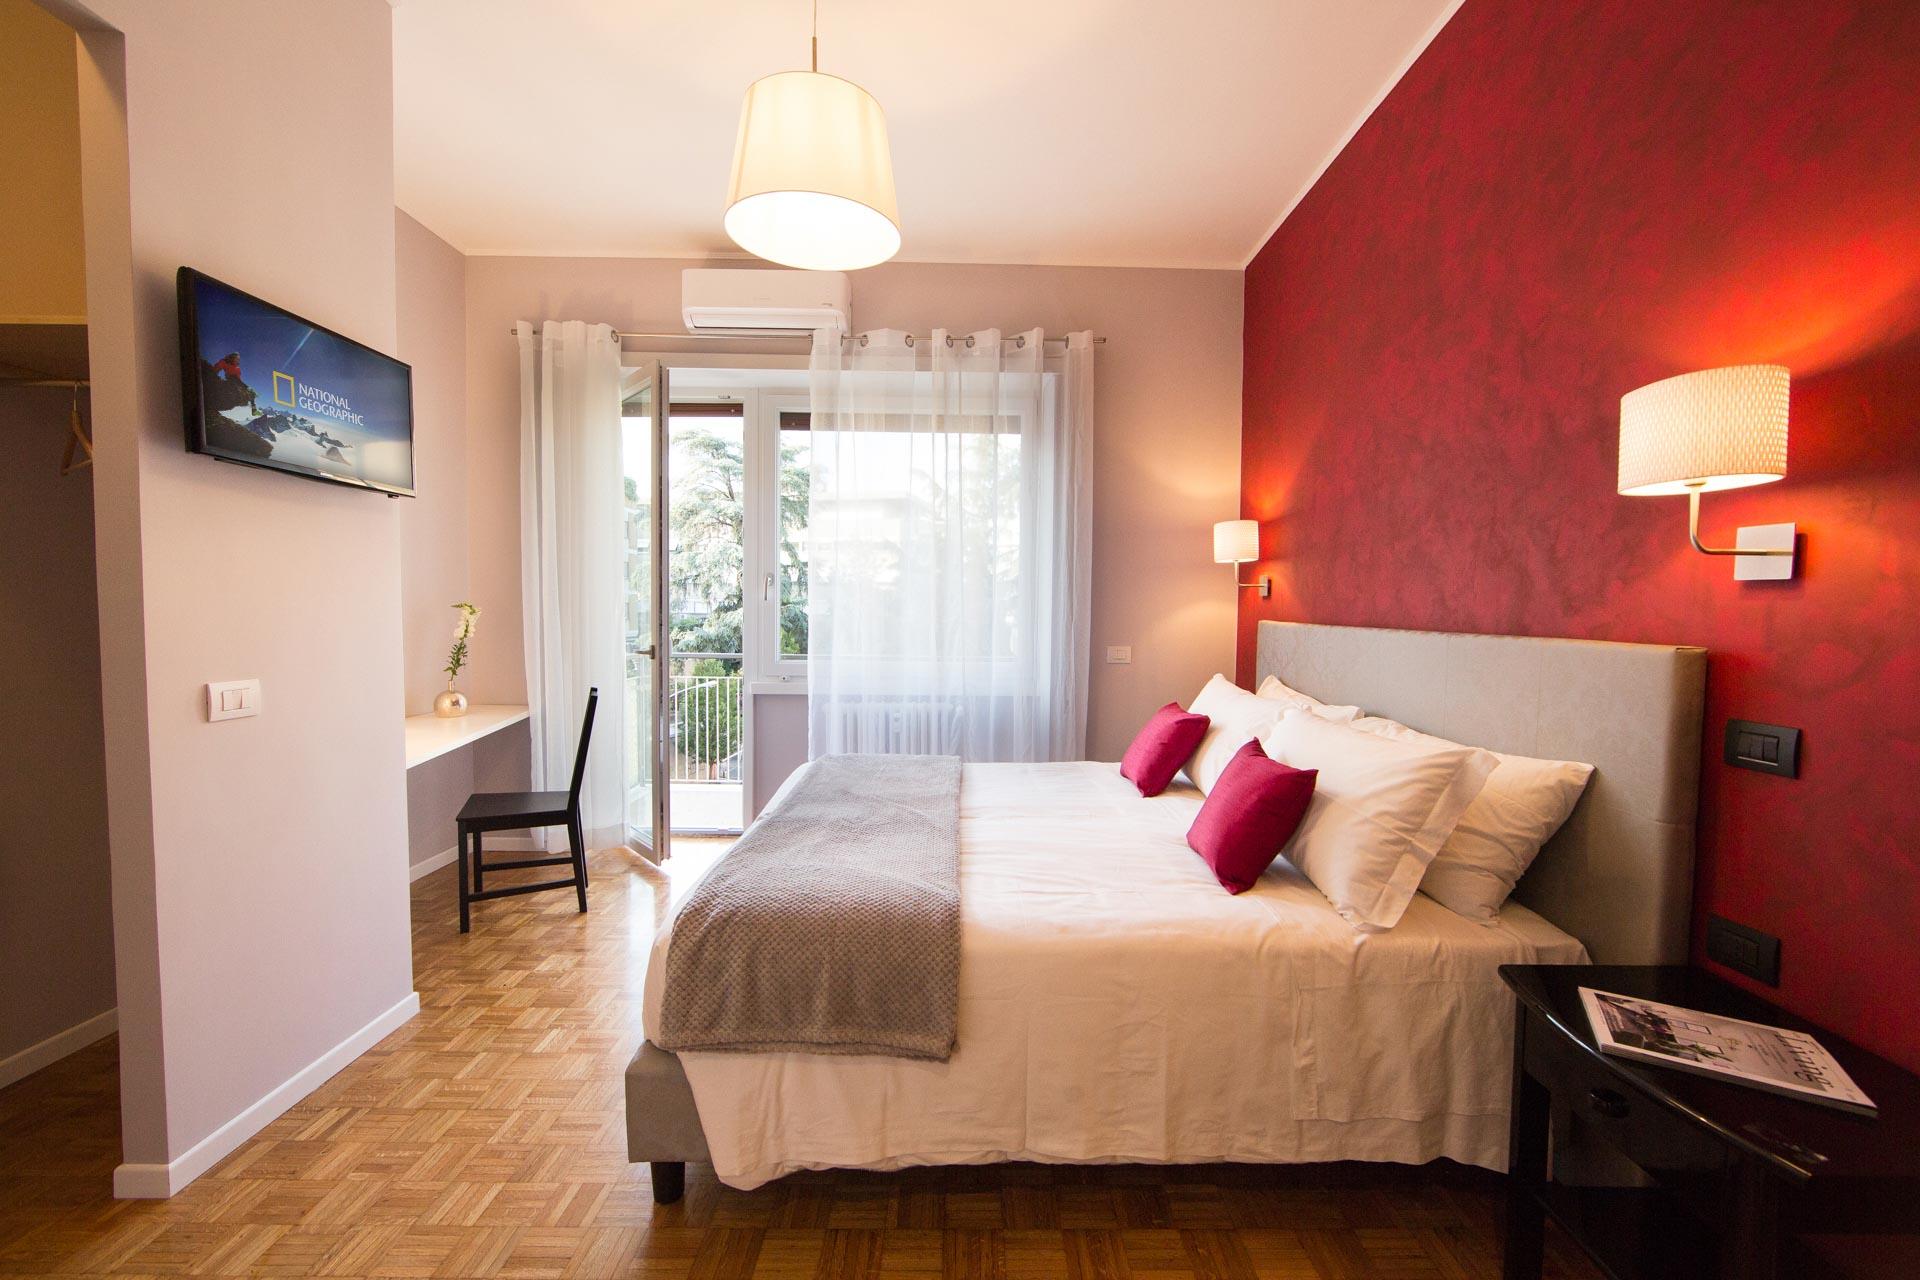 Roma 474 bed and breakfast a roma vicino al vaticano - Mobili per bed and breakfast ...